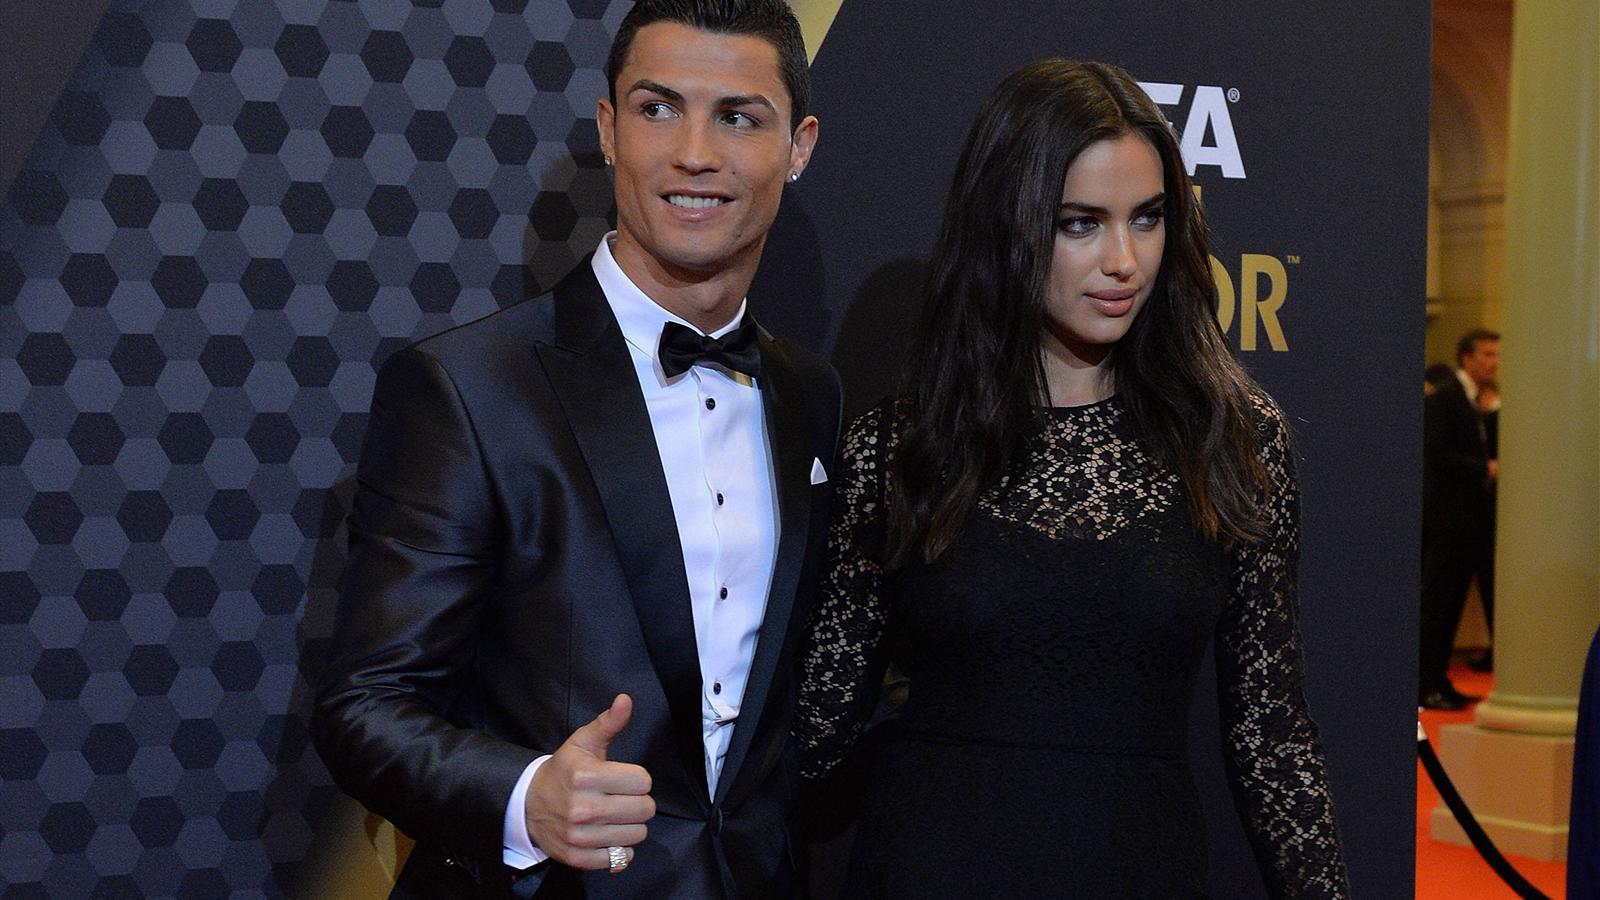 Irina Shayk'tan ayrıldığını açıklayan Cristiano Ronaldo, yeni bir aşka yelken açıyor